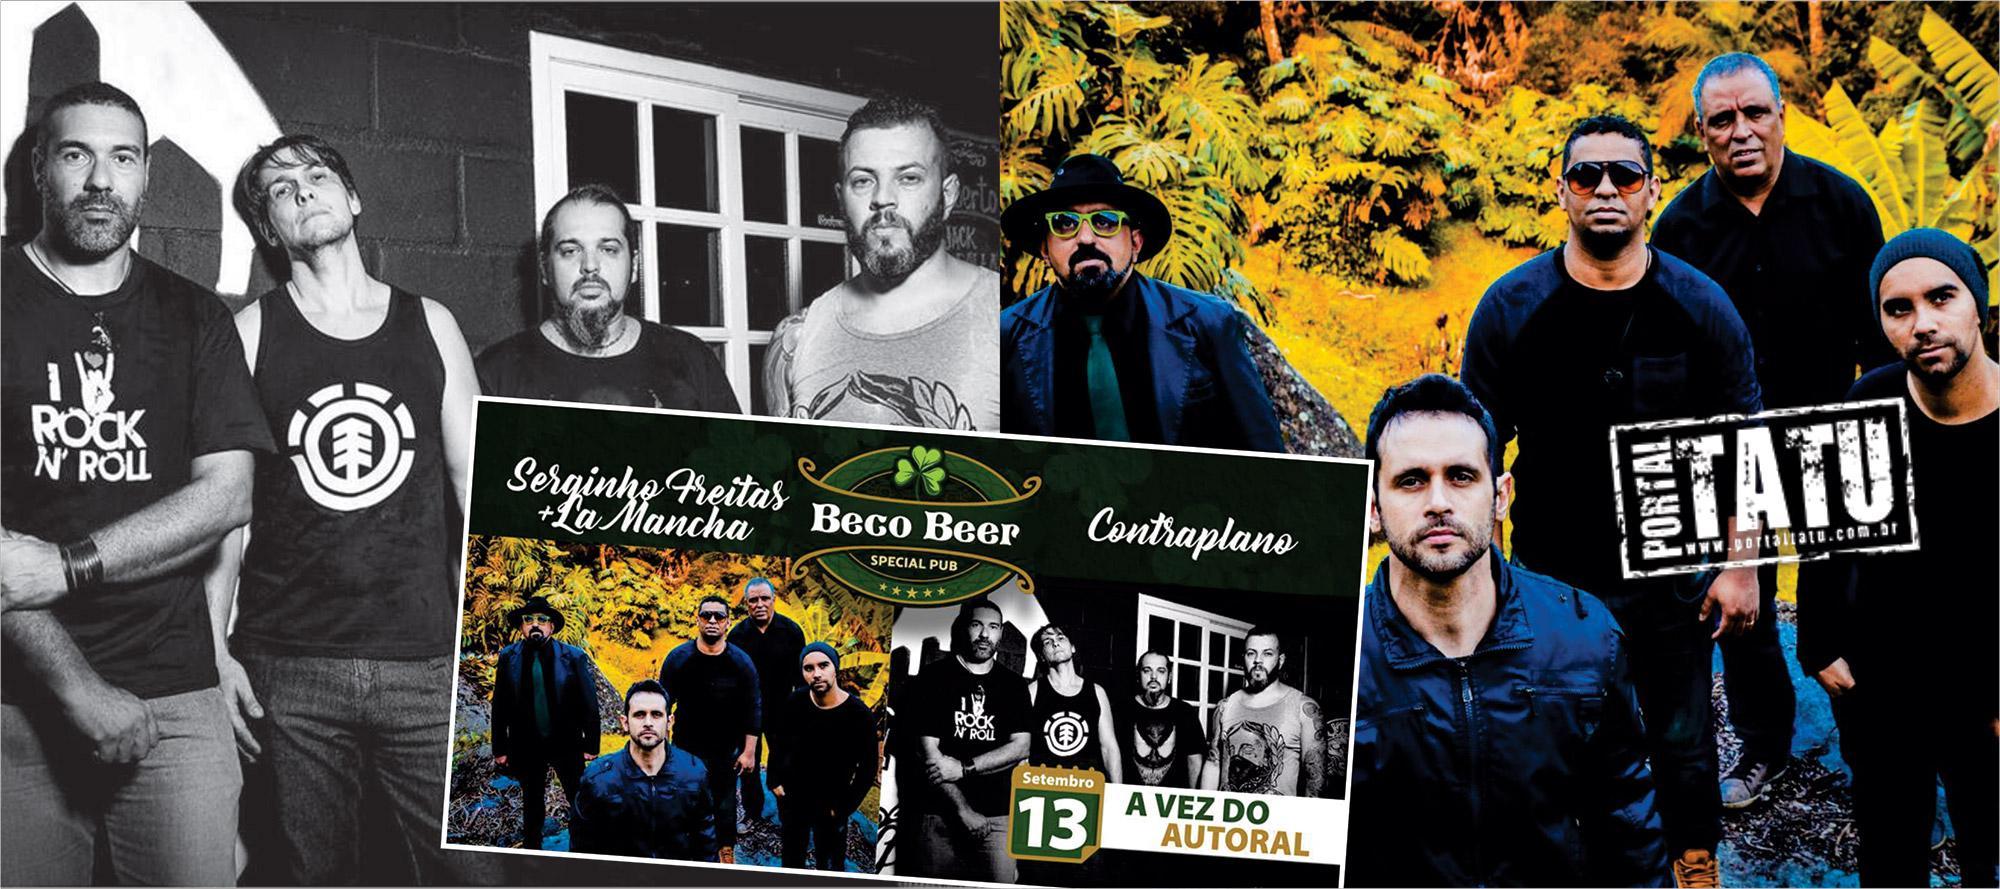 You are currently viewing A Vez do Autoral – Serginho Freitas e Contraplano no Beco Beer na próxima quarta-feira